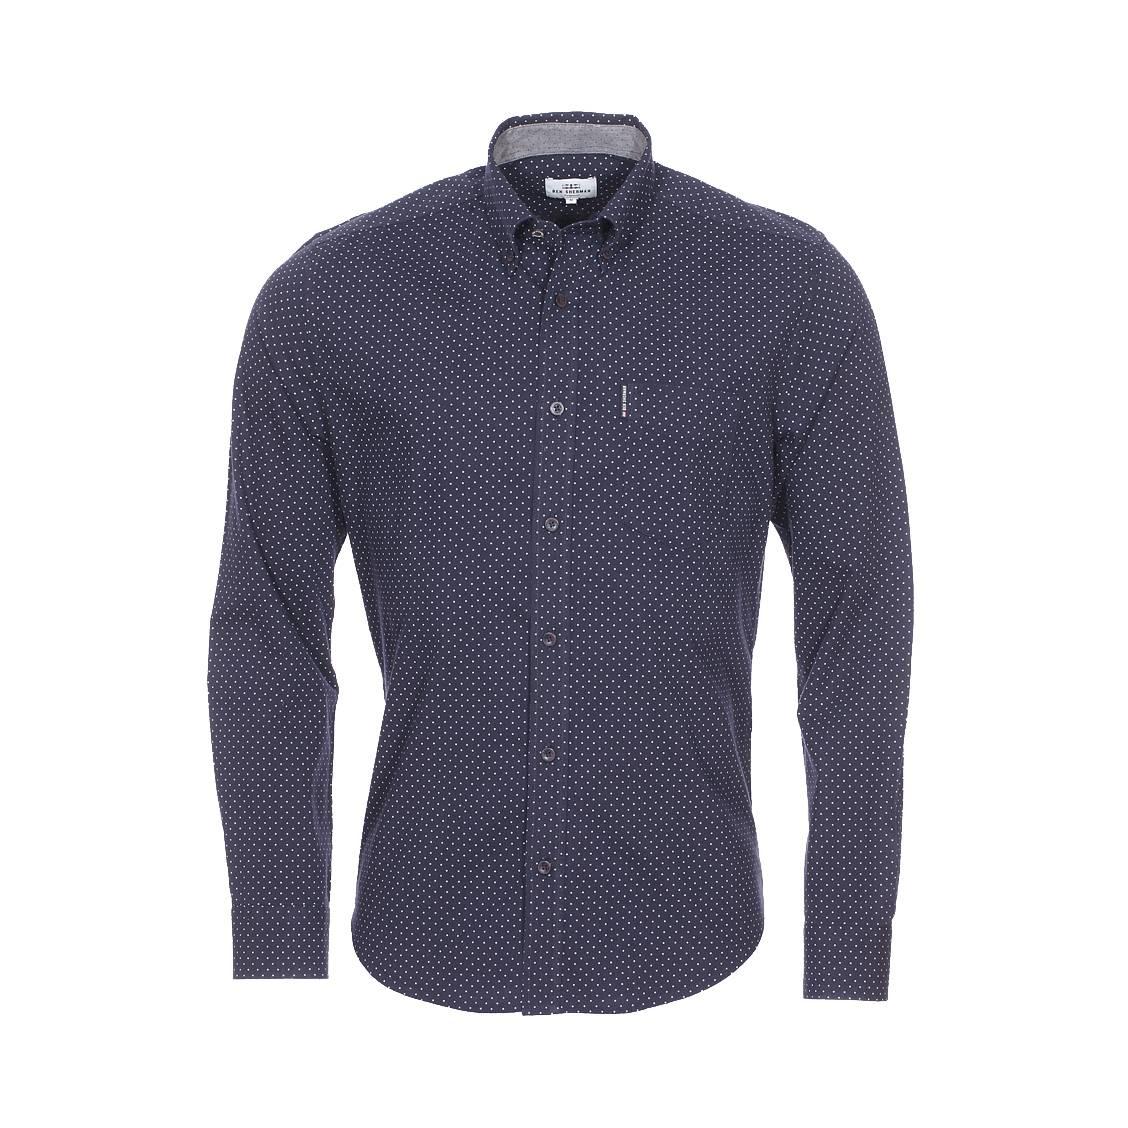 Chemise droite  en coton bleu marine à pois blancs